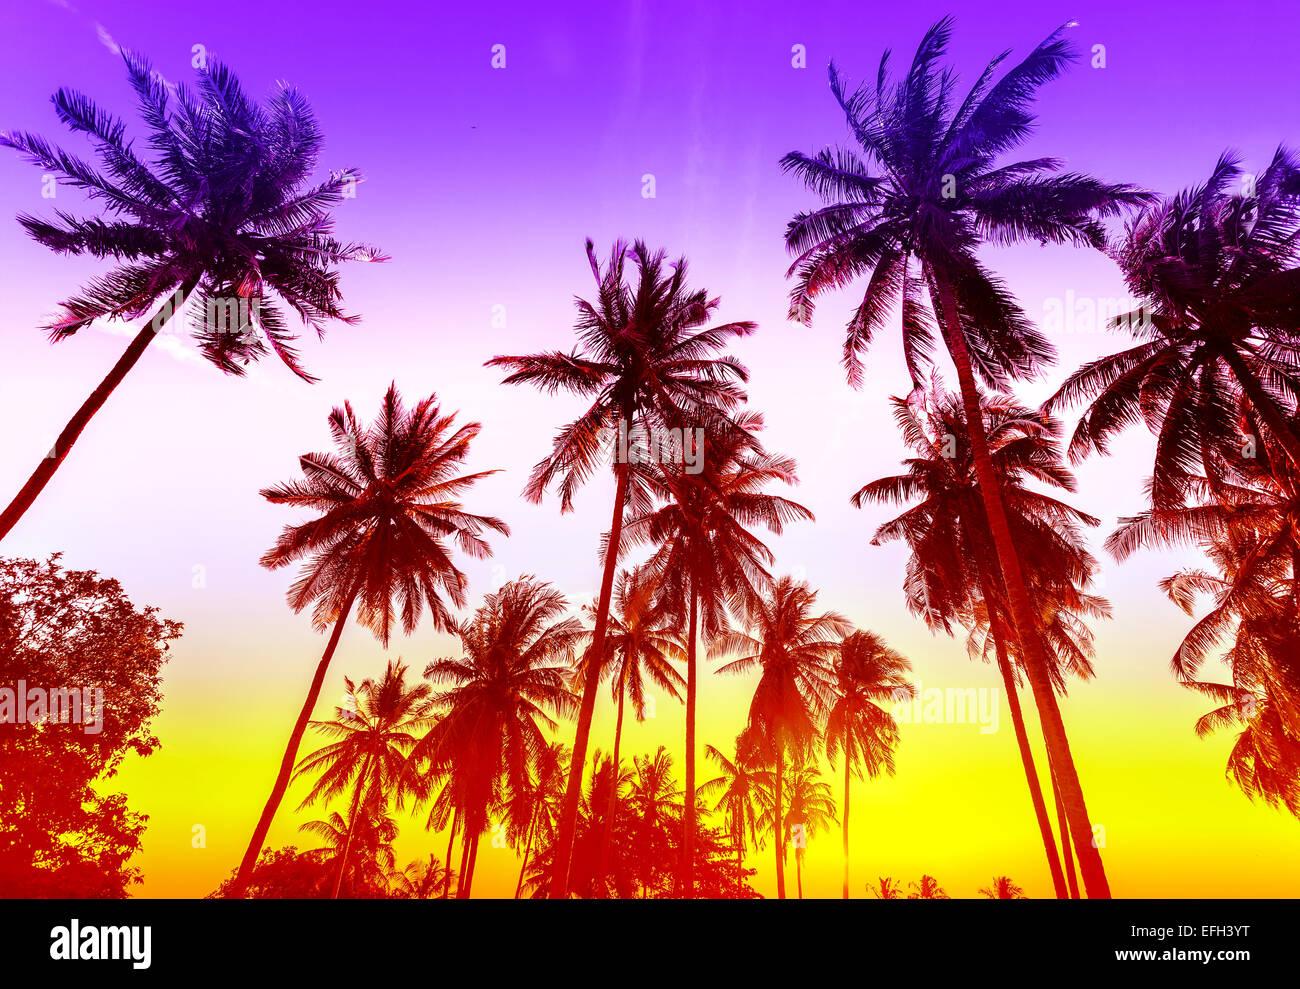 Palme sagome sulla spiaggia tropicale al tramonto. Immagini Stock